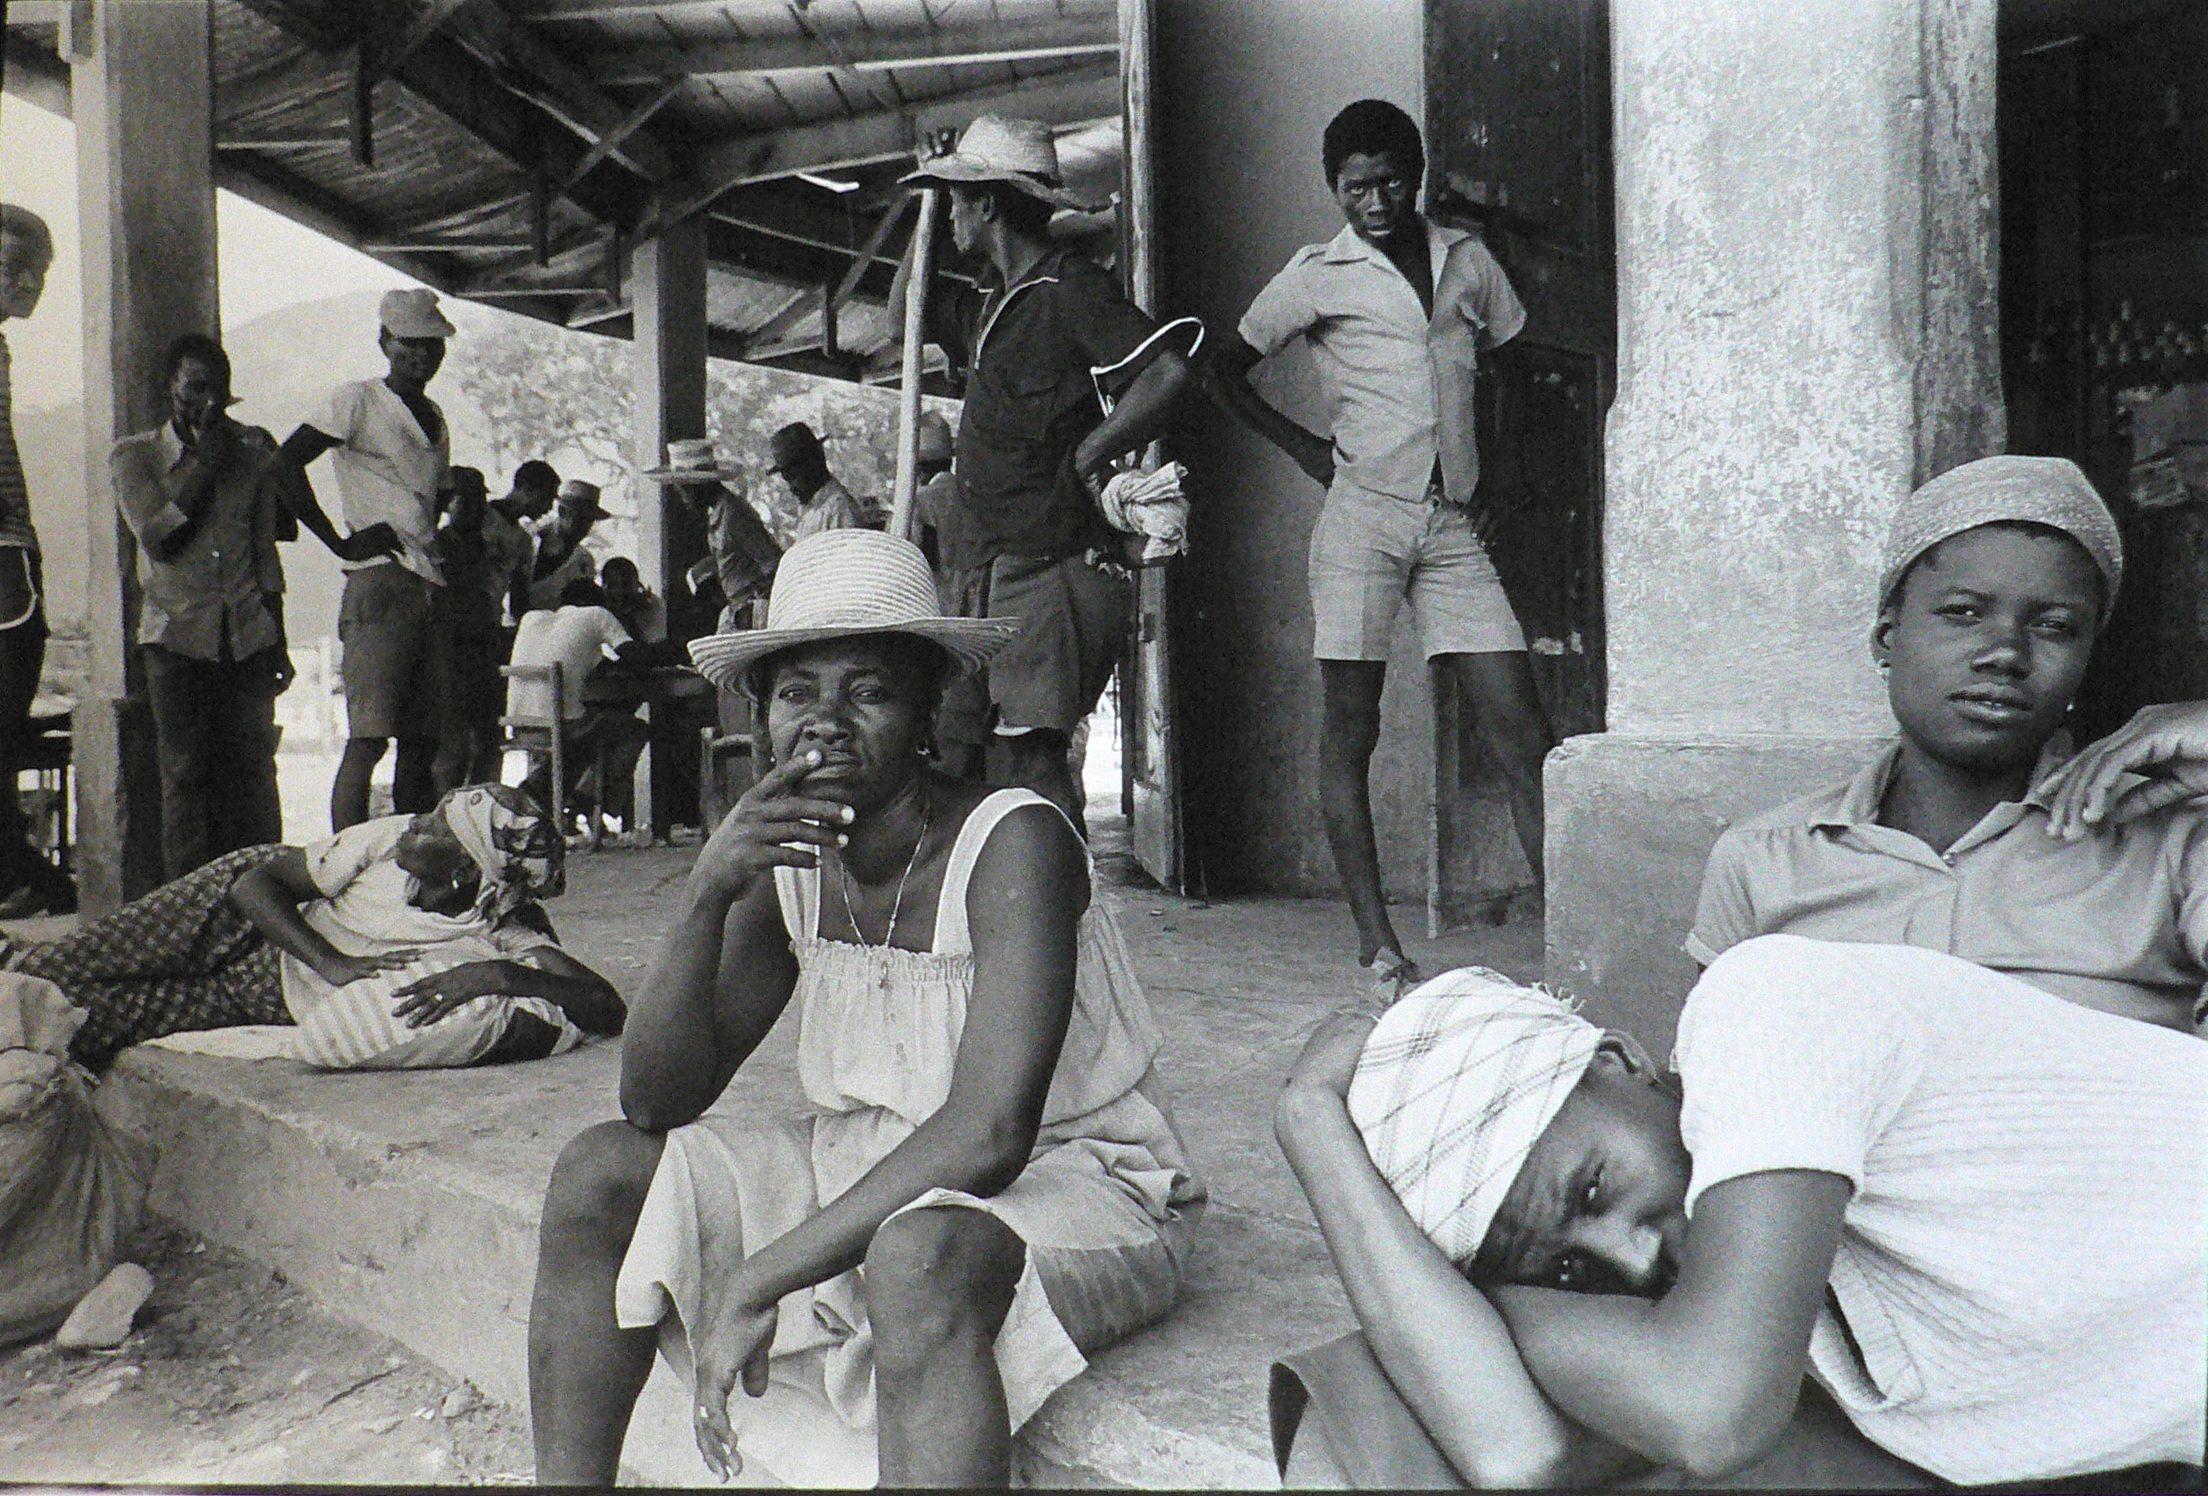 Untitled, Haiti